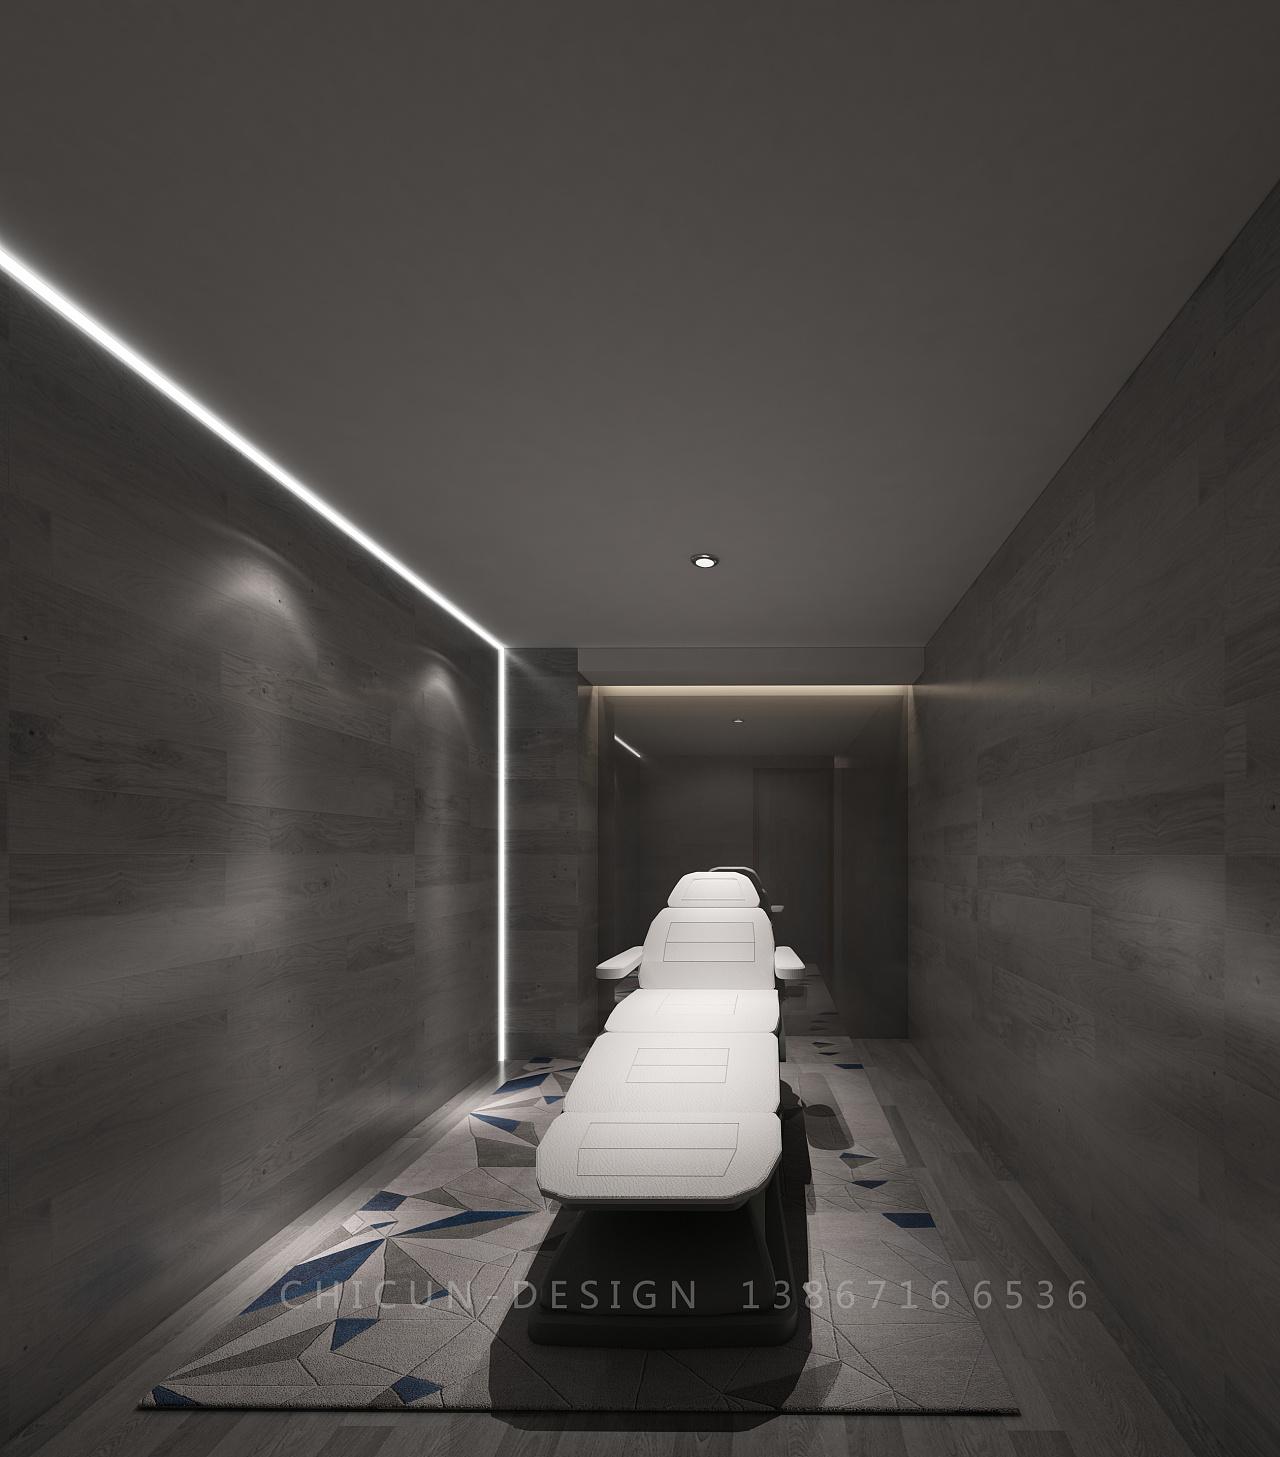 发廊v发廊 粉色尺寸风网红风理发店教程室绘制drdr44drdr1818cc4少女内设的图片